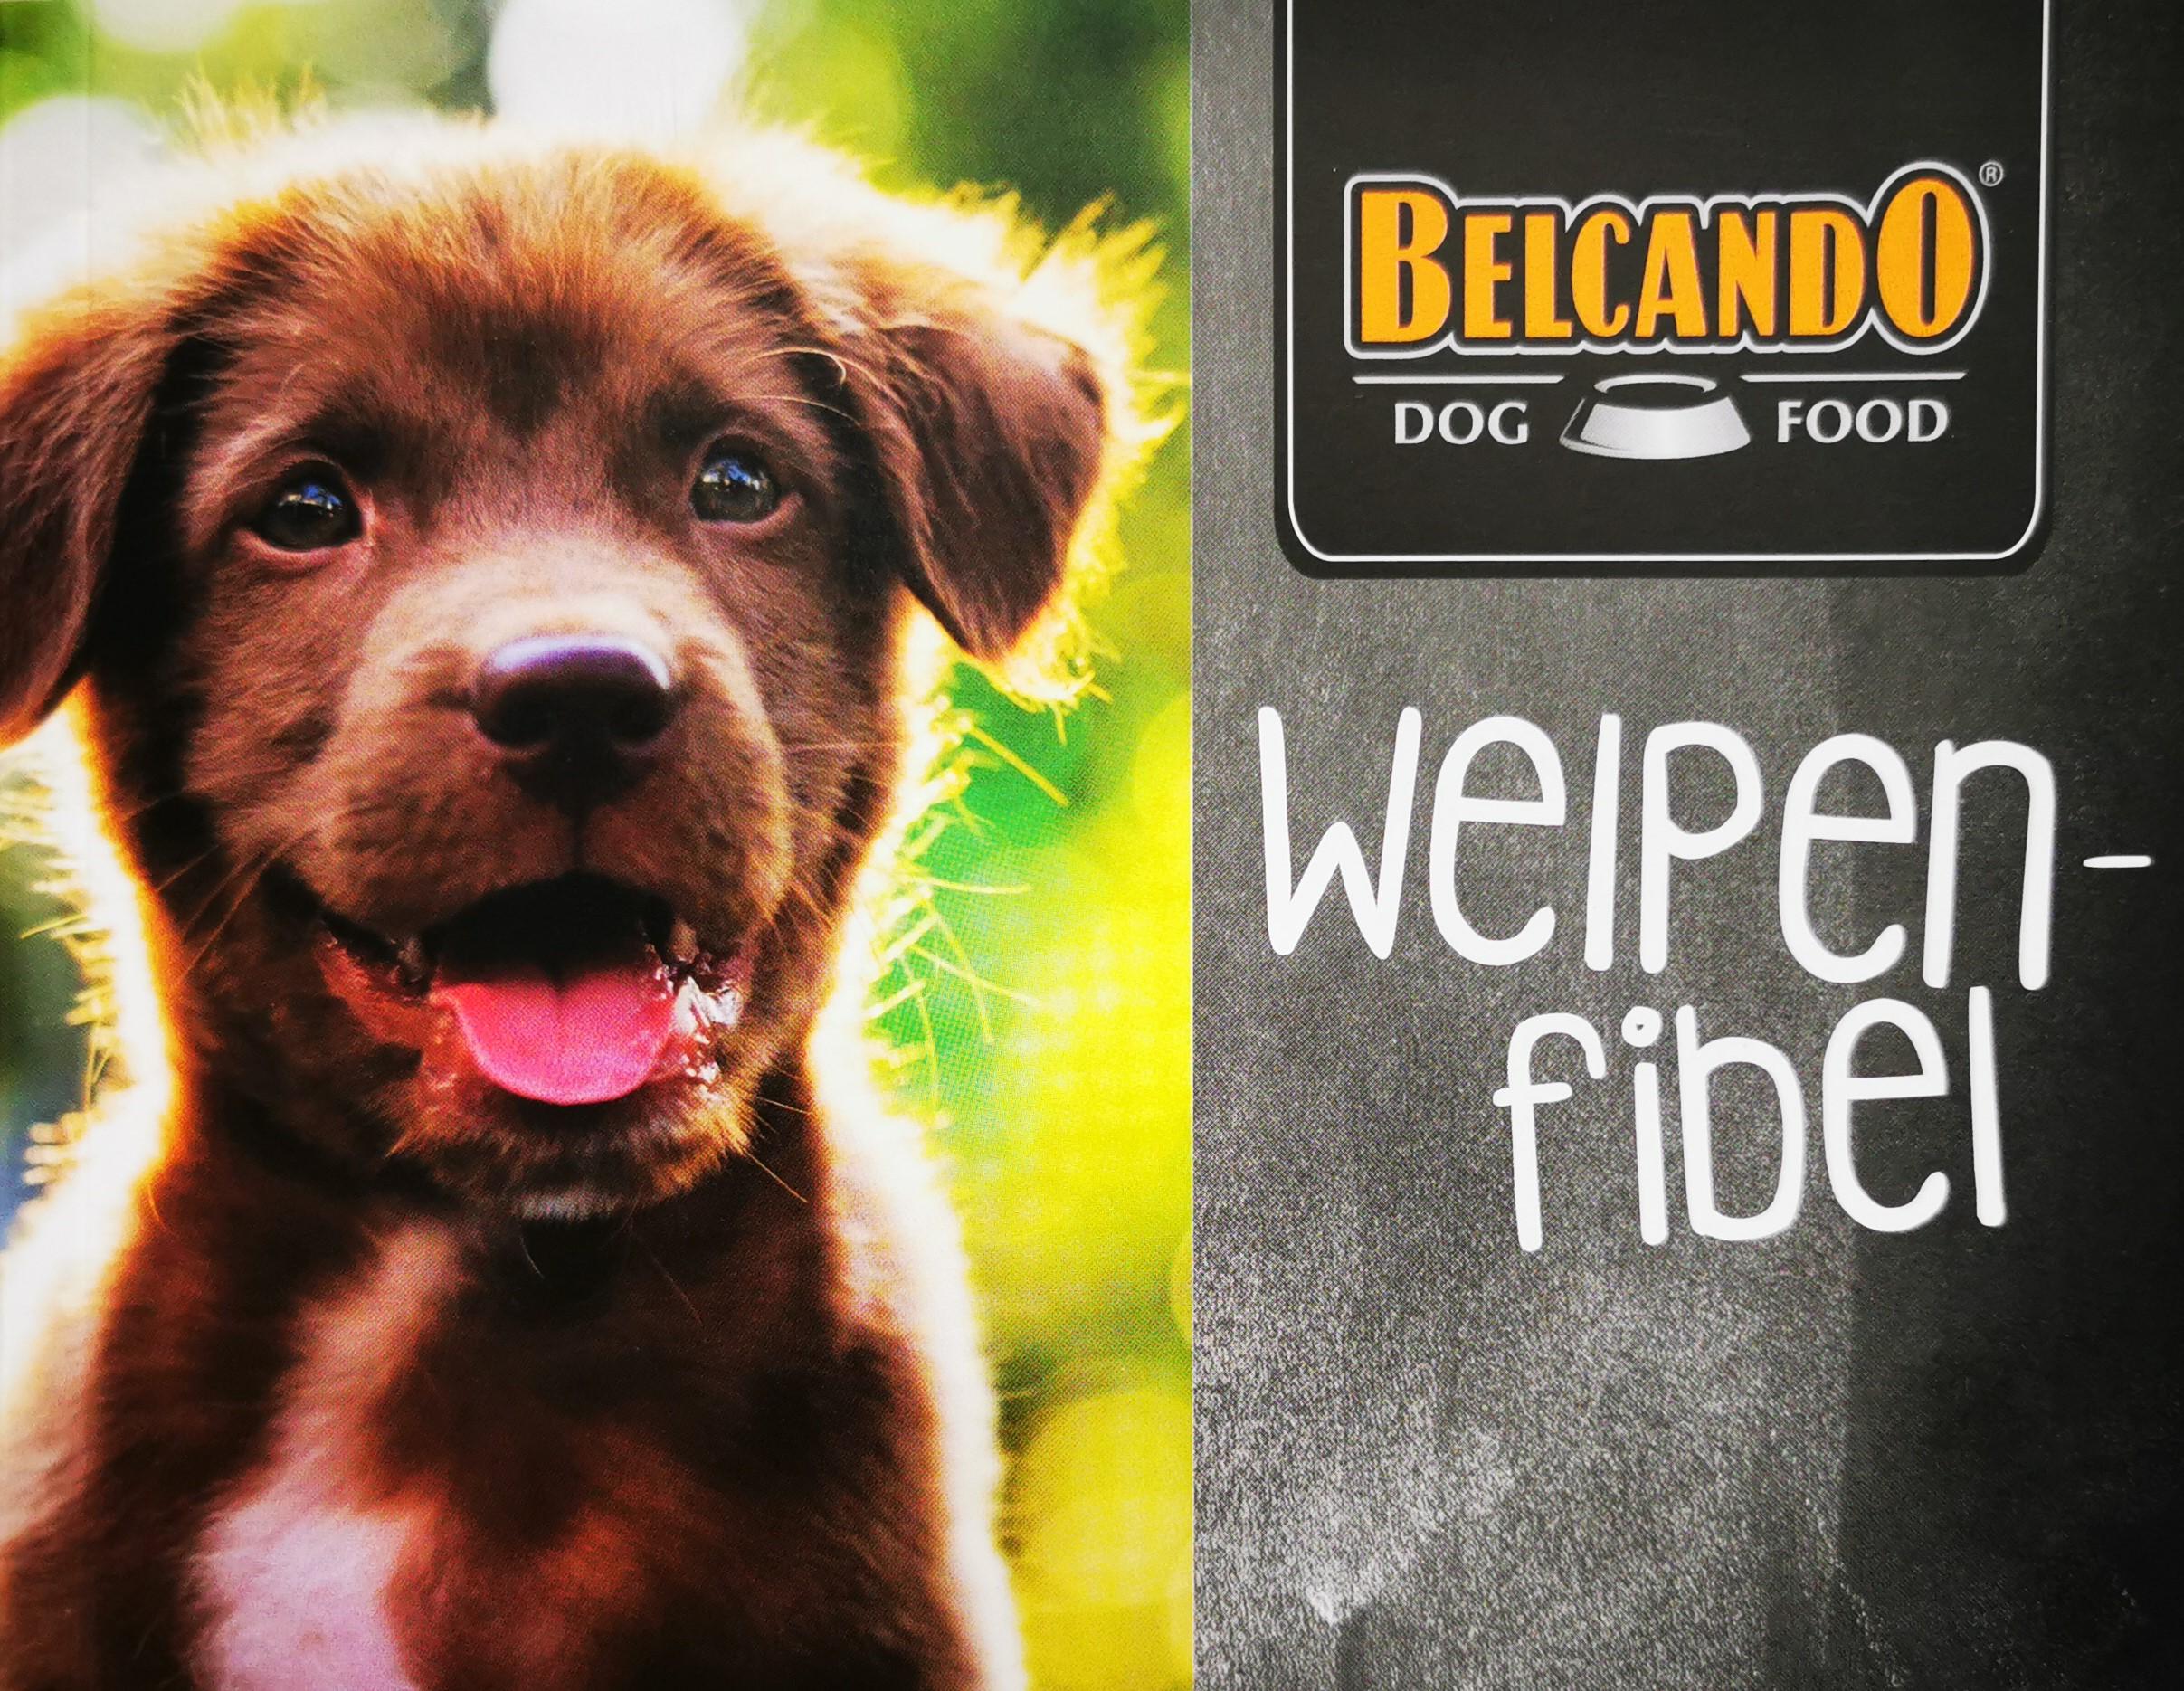 BELCANDO® Welpenfibel